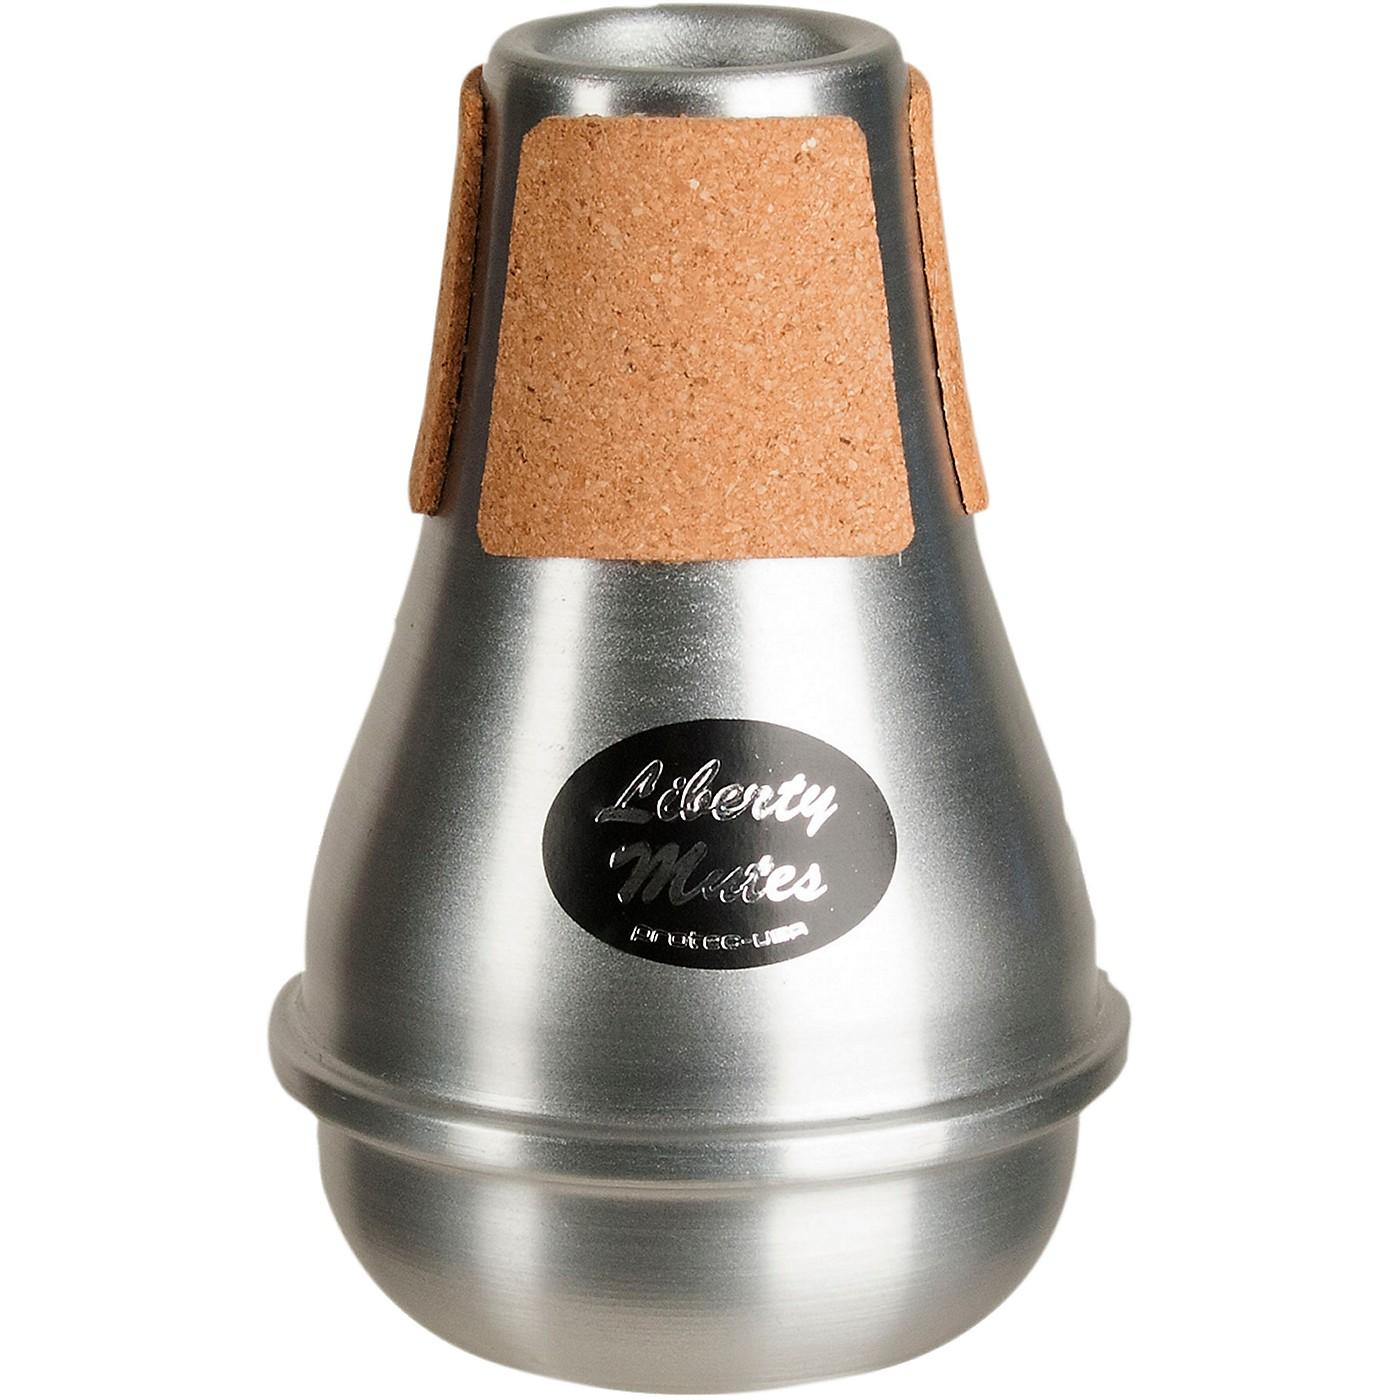 Protec Liberty Tenor Trombone Compact Aluminum Practice Mute thumbnail